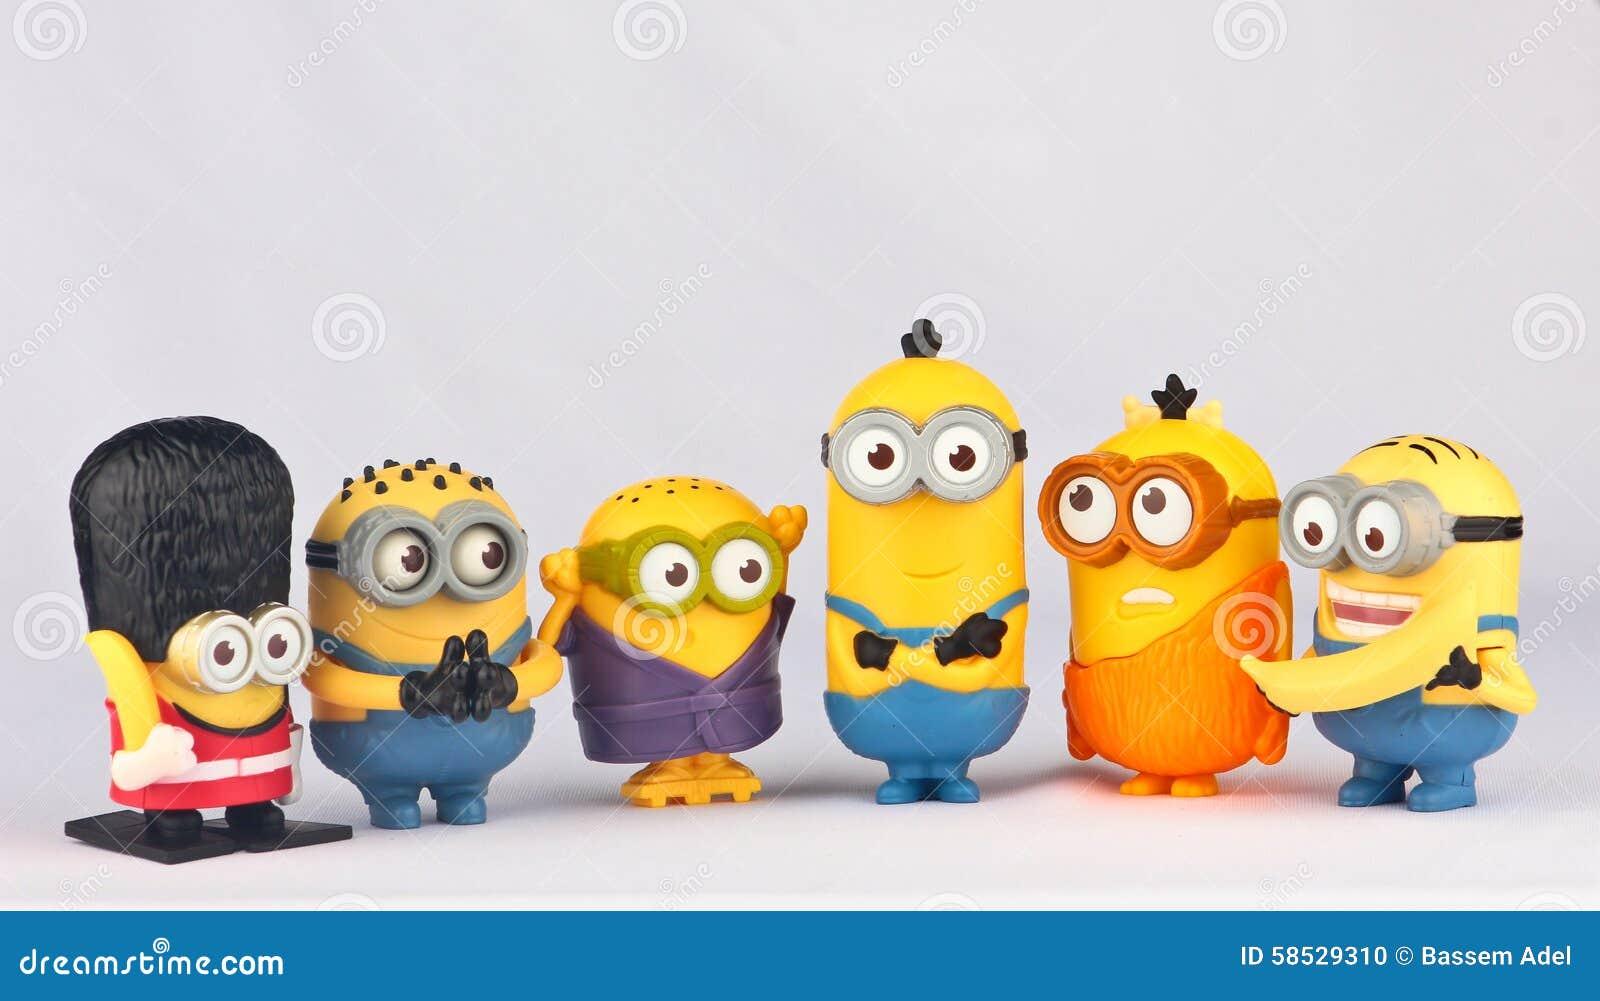 Minionsstuk speelgoed